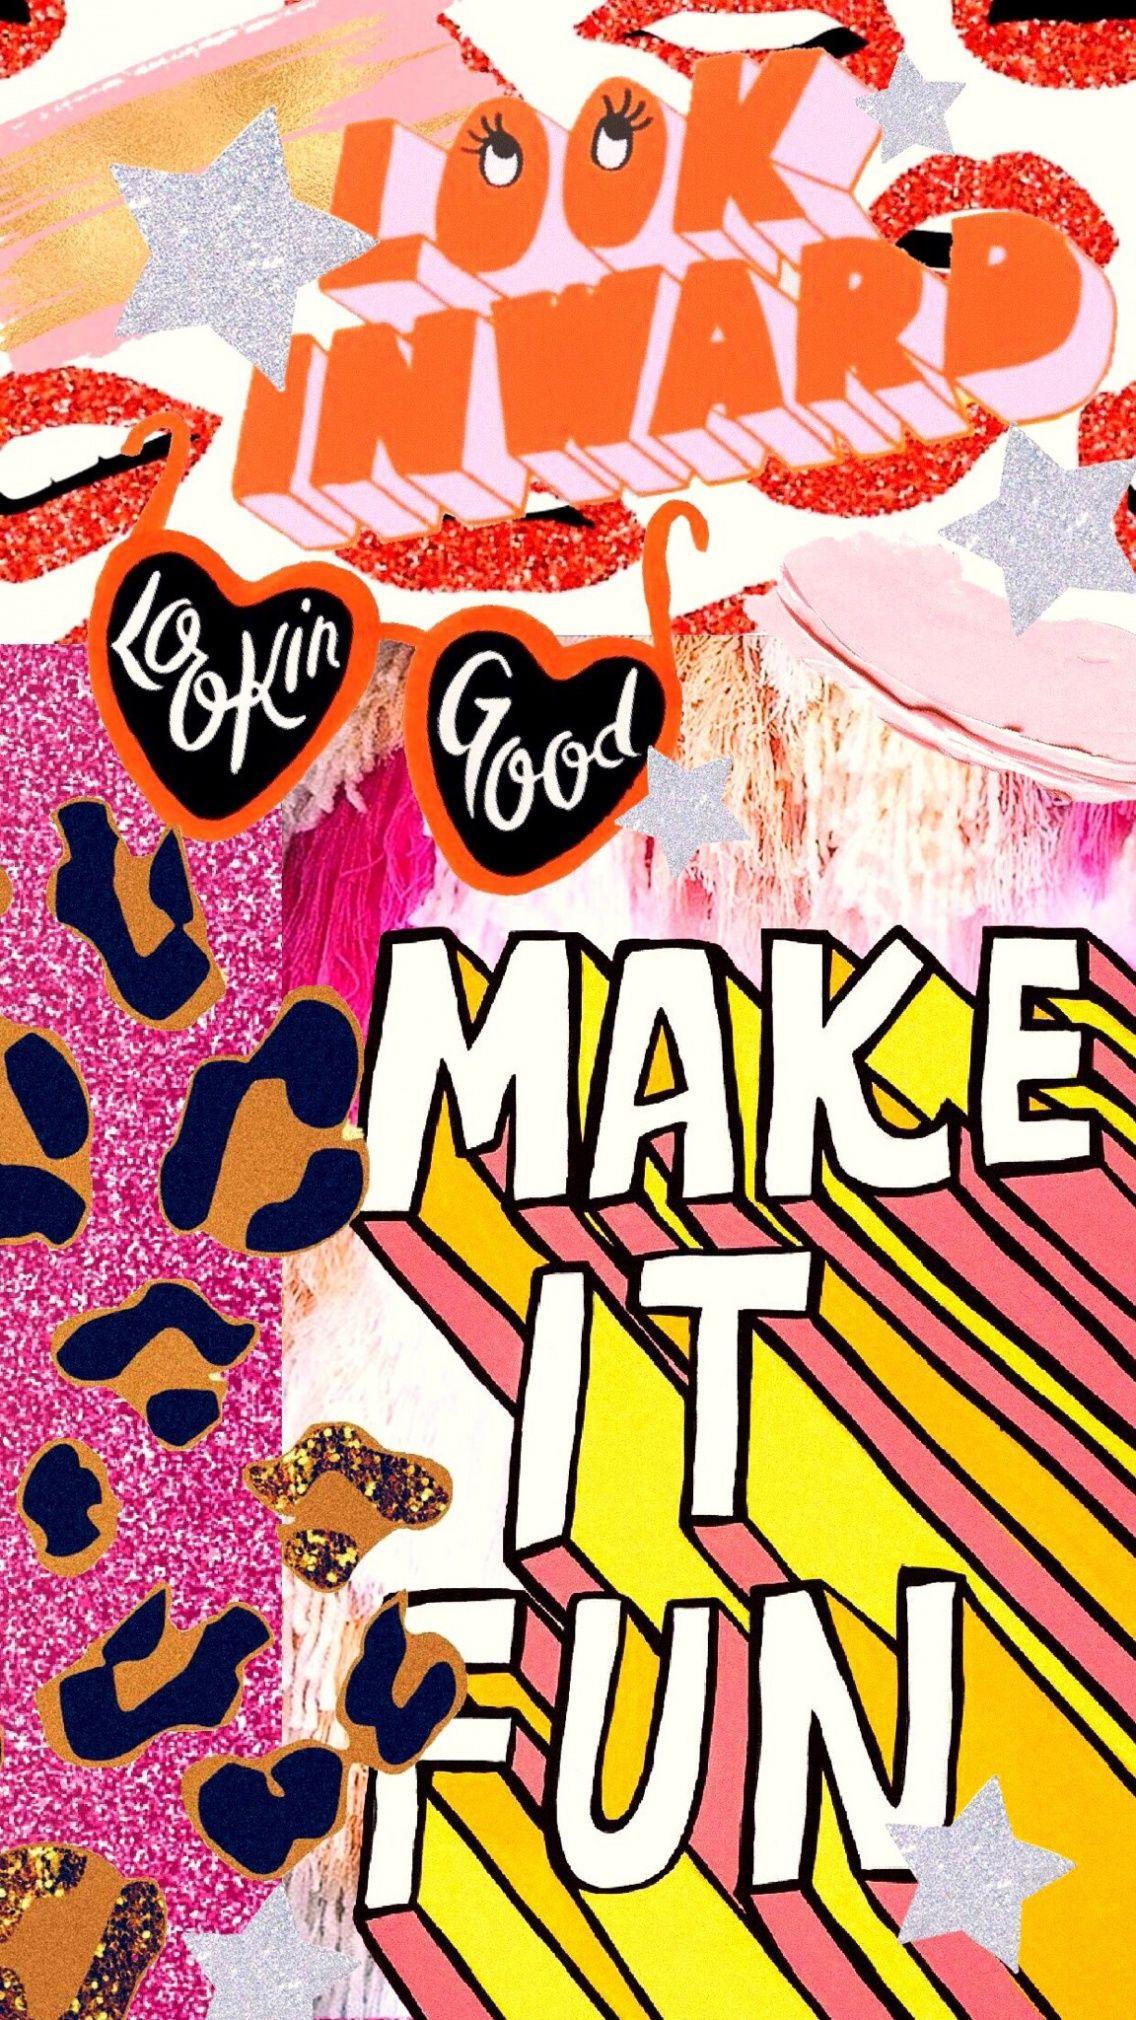 Morgrweber Vsco Artsy Background Pop Art Wallpaper Art Collage Wall